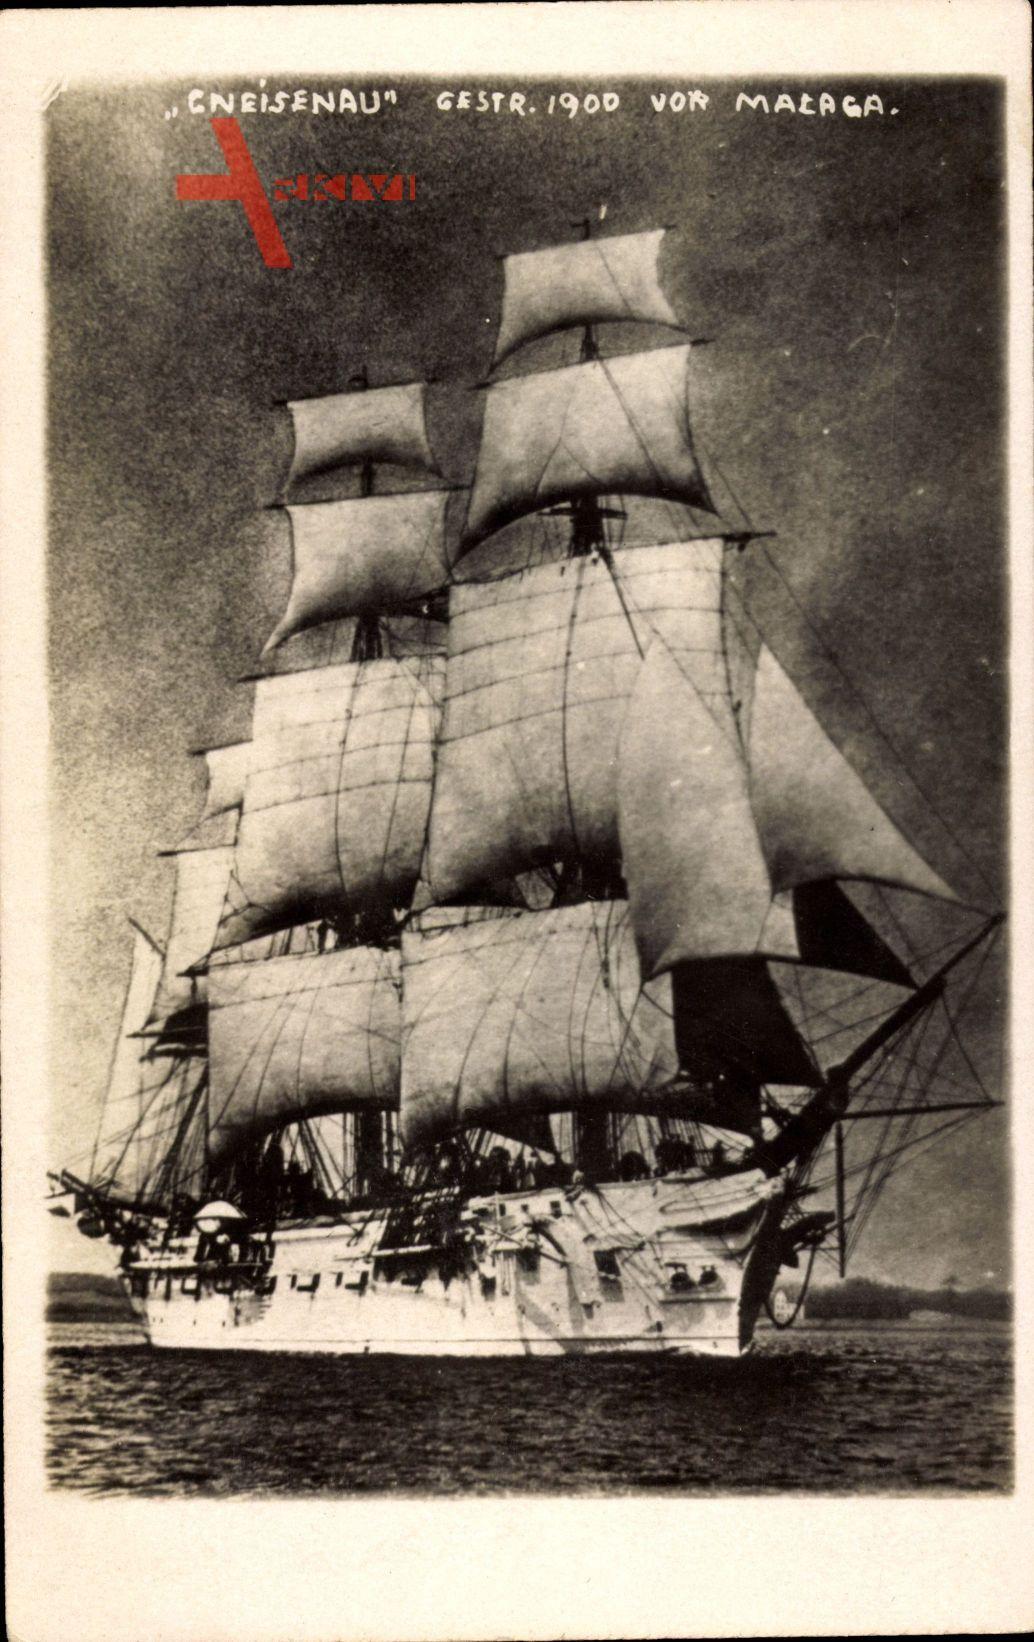 Segelschiff Gneisenau, Gestrandet 1900 vor Malaga, Dreimastbark